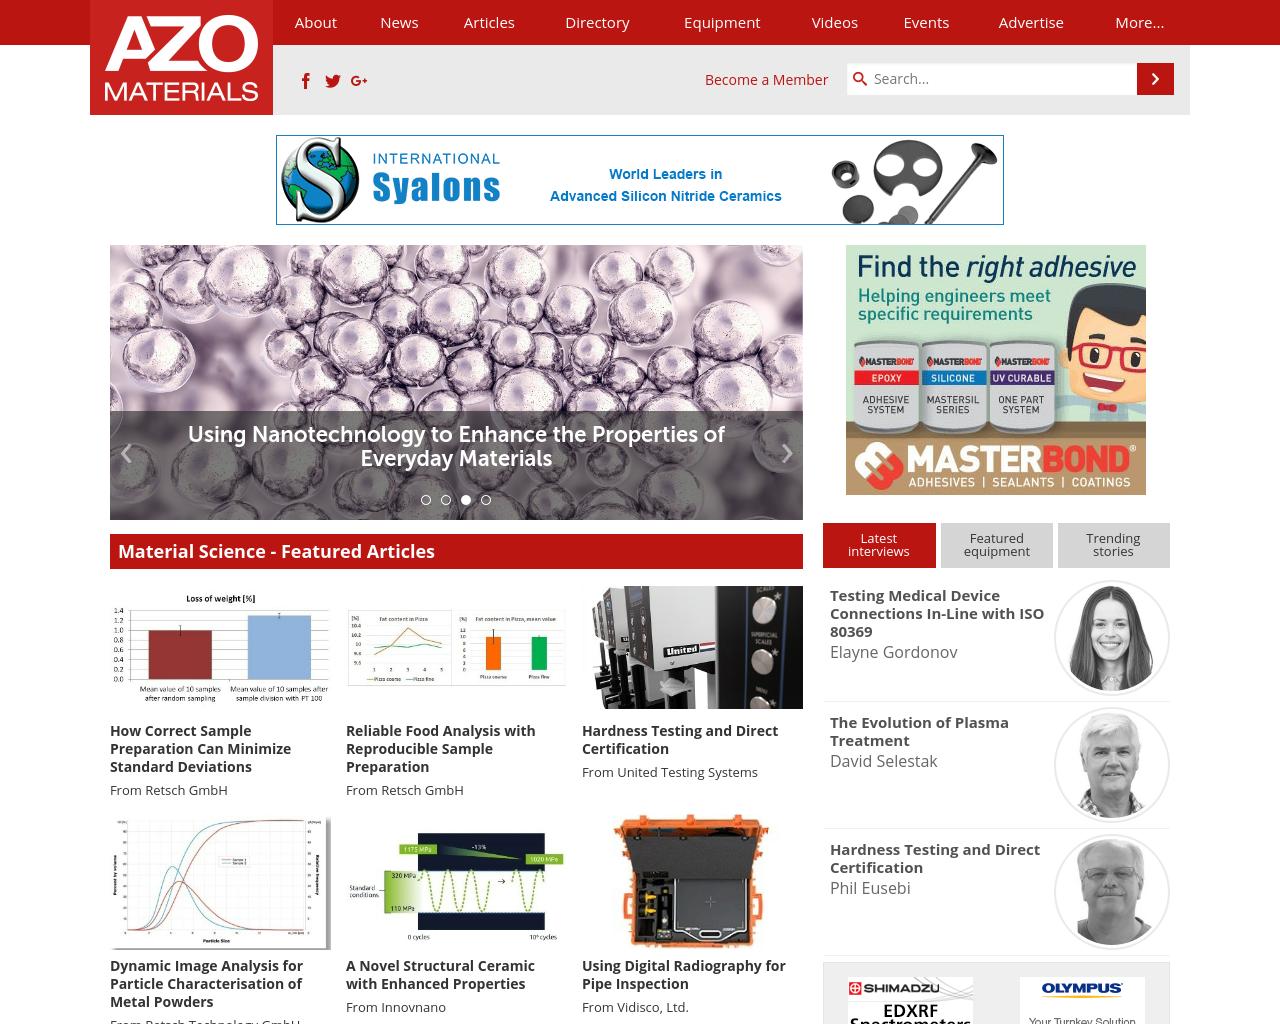 azom.com-Advertising-Reviews-Pricing